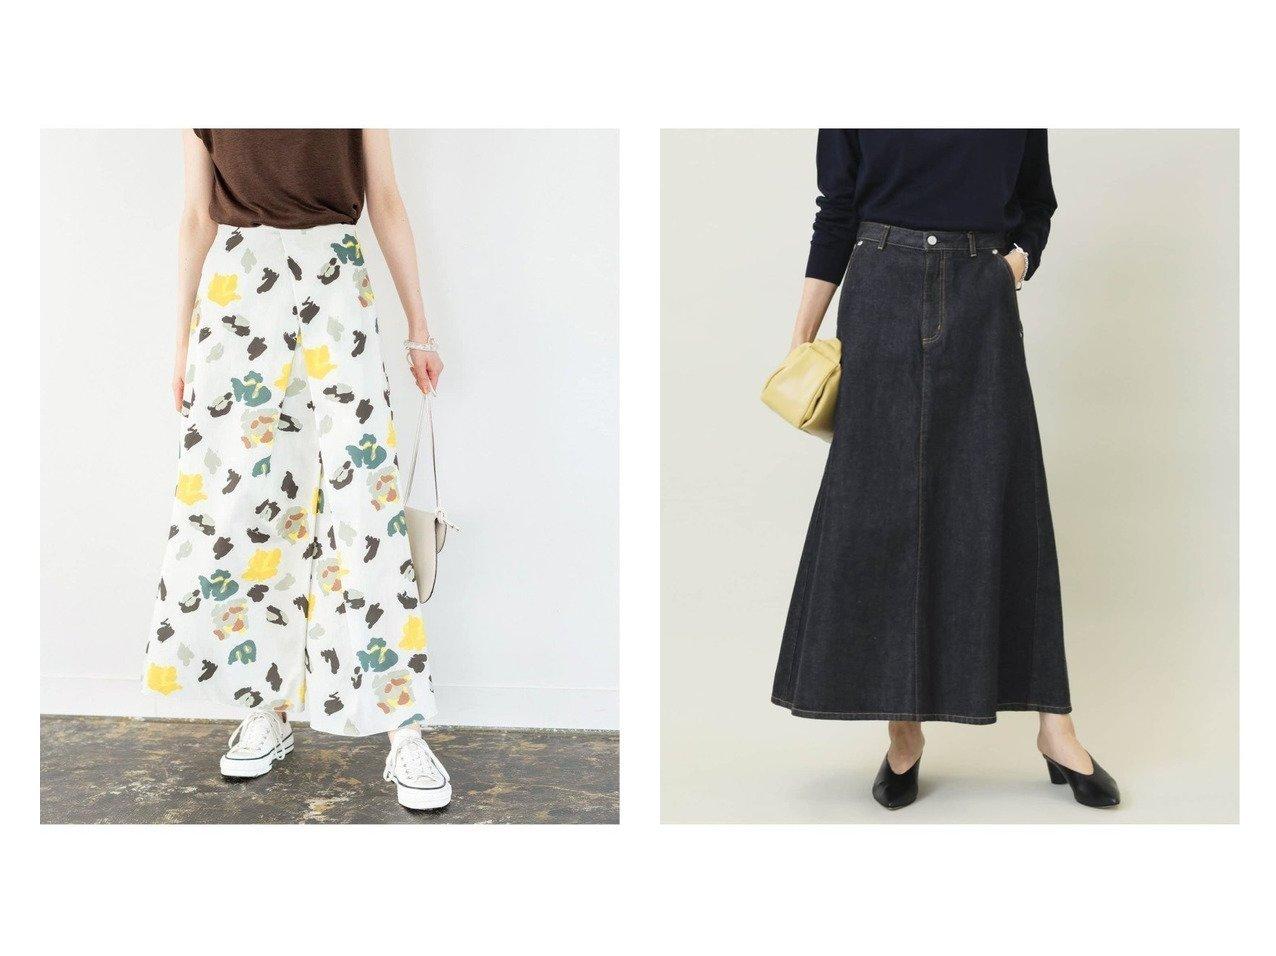 【IENA/イエナ】のシューフラワースリットスカート&エコデニムトラペーズスカート 【スカート】おすすめ!人気、トレンド・レディースファッションの通販   おすすめで人気の流行・トレンド、ファッションの通販商品 インテリア・家具・メンズファッション・キッズファッション・レディースファッション・服の通販 founy(ファニー) https://founy.com/ ファッション Fashion レディースファッション WOMEN スカート Skirt ロングスカート Long Skirt 秋 Autumn/Fall シューズ スリット フラット 無地 ロング 2021年 2021 S/S・春夏 SS・Spring/Summer 2021春夏・S/S SS/Spring/Summer/2021 夏 Summer インディゴ クラシック シンプル デニム 定番 Standard 人気 フレア ベーシック A/W・秋冬 AW・Autumn/Winter・FW・Fall-Winter 2021-2022秋冬・A/W AW・Autumn/Winter・FW・Fall-Winter・2021-2022  ID:crp329100000064824